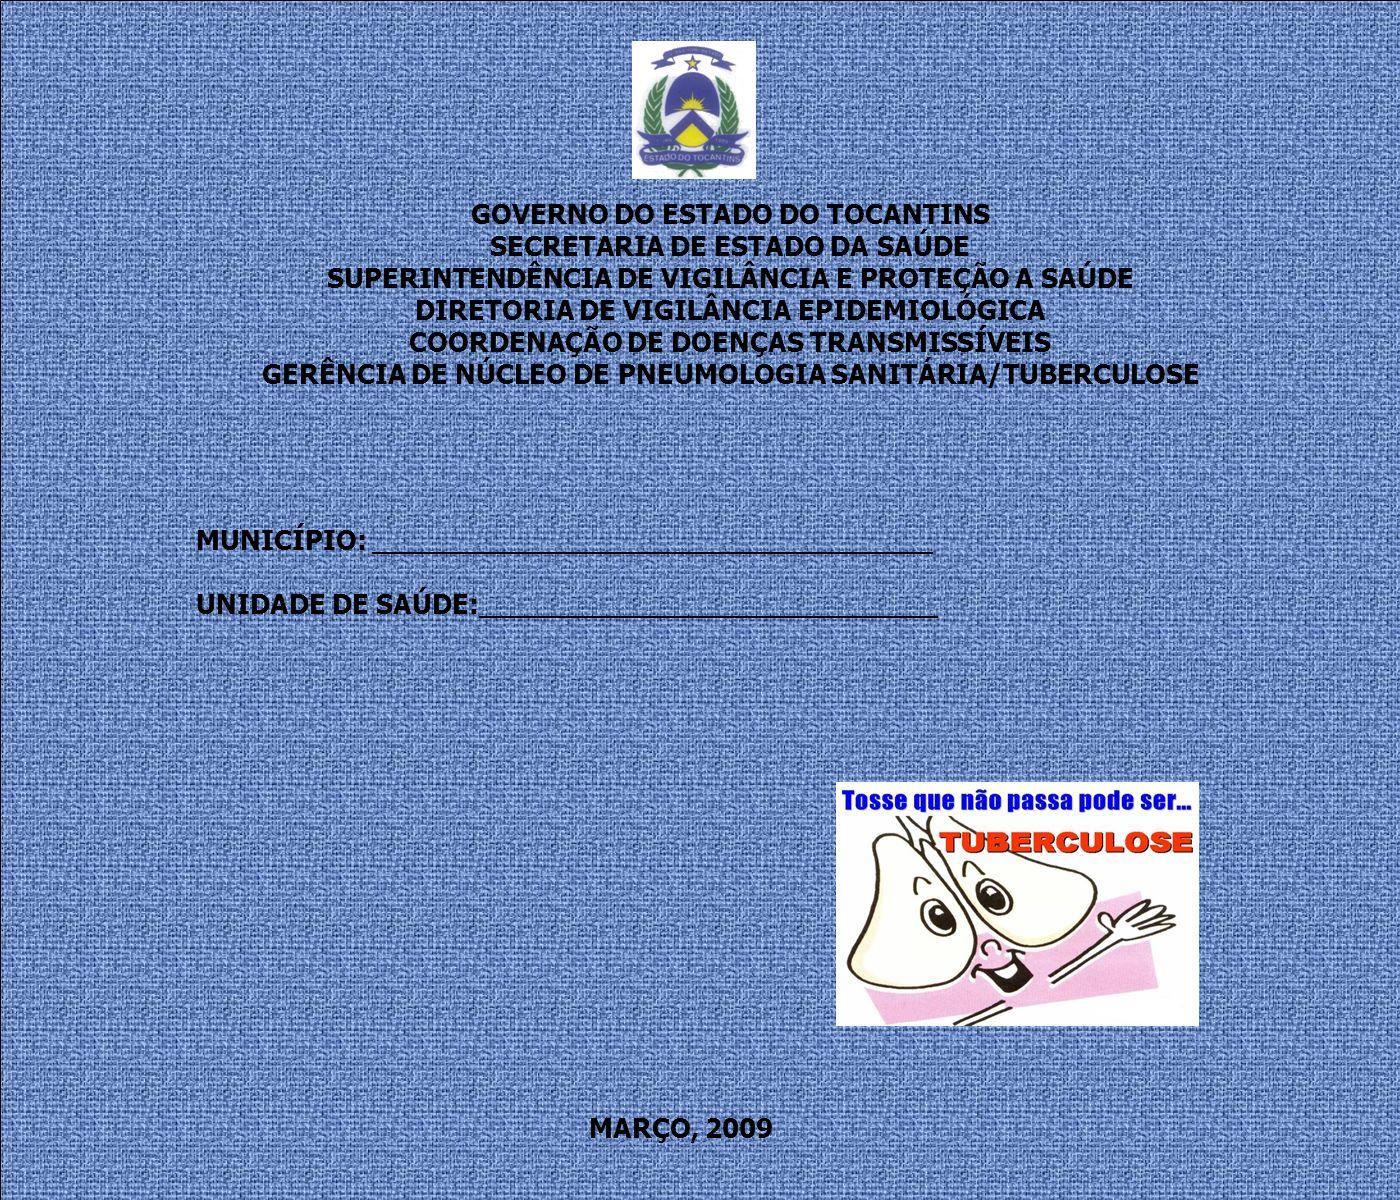 GOVERNO DO ESTADO DO TOCANTINS SECRETARIA DE ESTADO DA SAÚDE SUPERINTENDÊNCIA DE VIGILÂNCIA E PROTEÇÃO A SAÚDE DIRETORIA DE VIGILÂNCIA EPIDEMIOLÓGICA COORDENAÇÃO DE DOENÇAS TRANSMISSÍVEIS GERÊNCIA DE NÚCLEO DE PNEUMOLOGIA SANITÁRIA/TUBERCULOSE MUNICÍPIO: _________________________________ UNIDADE DE SAÚDE:___________________________ MARÇO, 2009